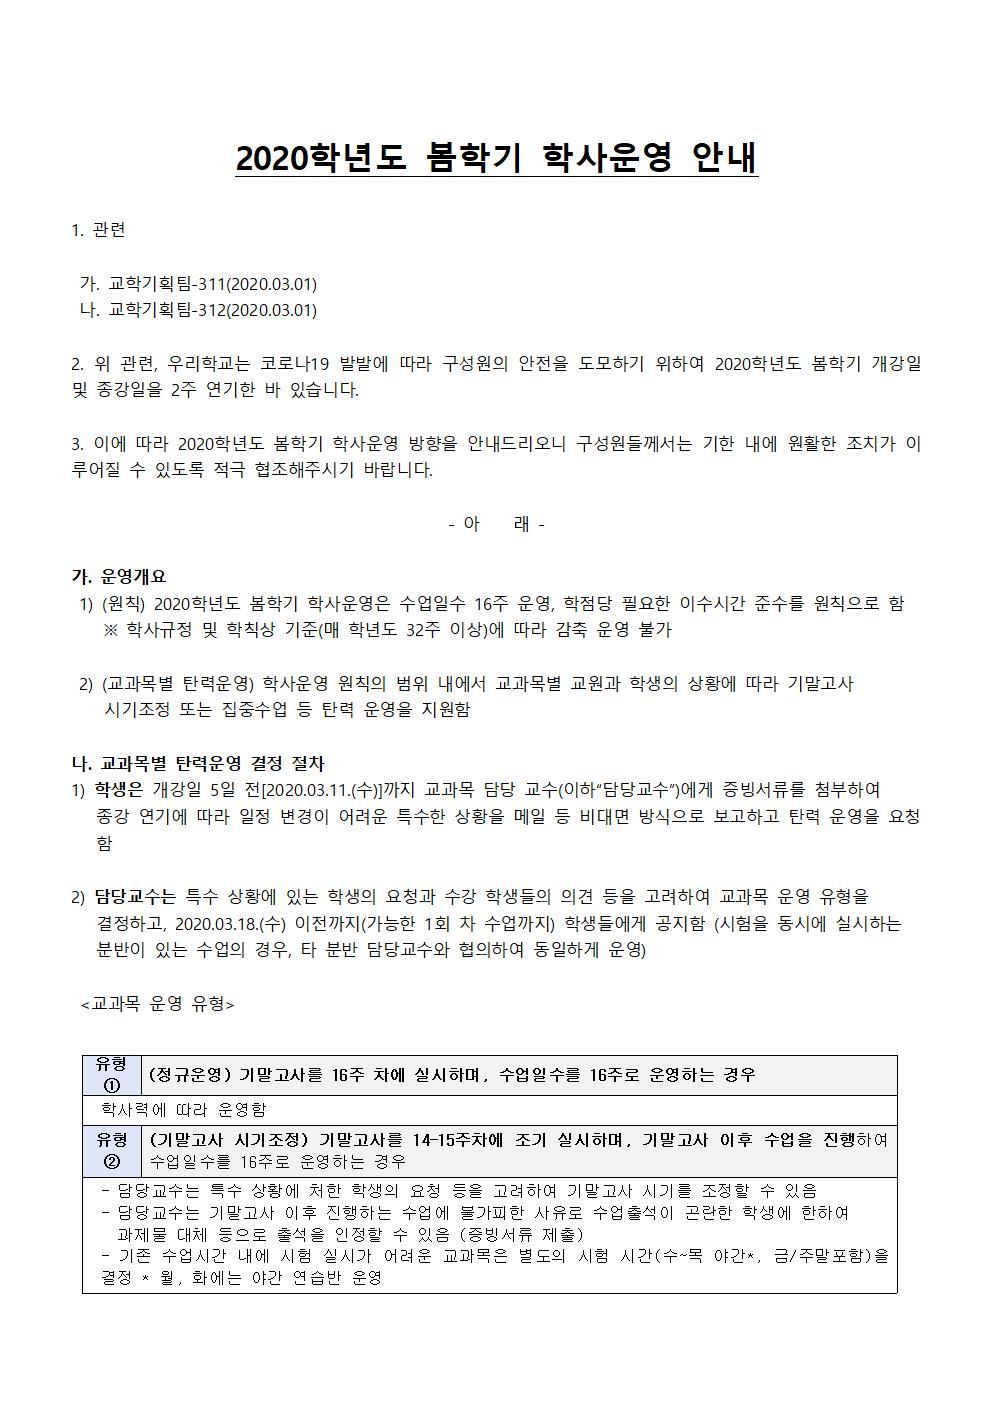 2020학년도 봄학기 학사운영 안내001.jpg